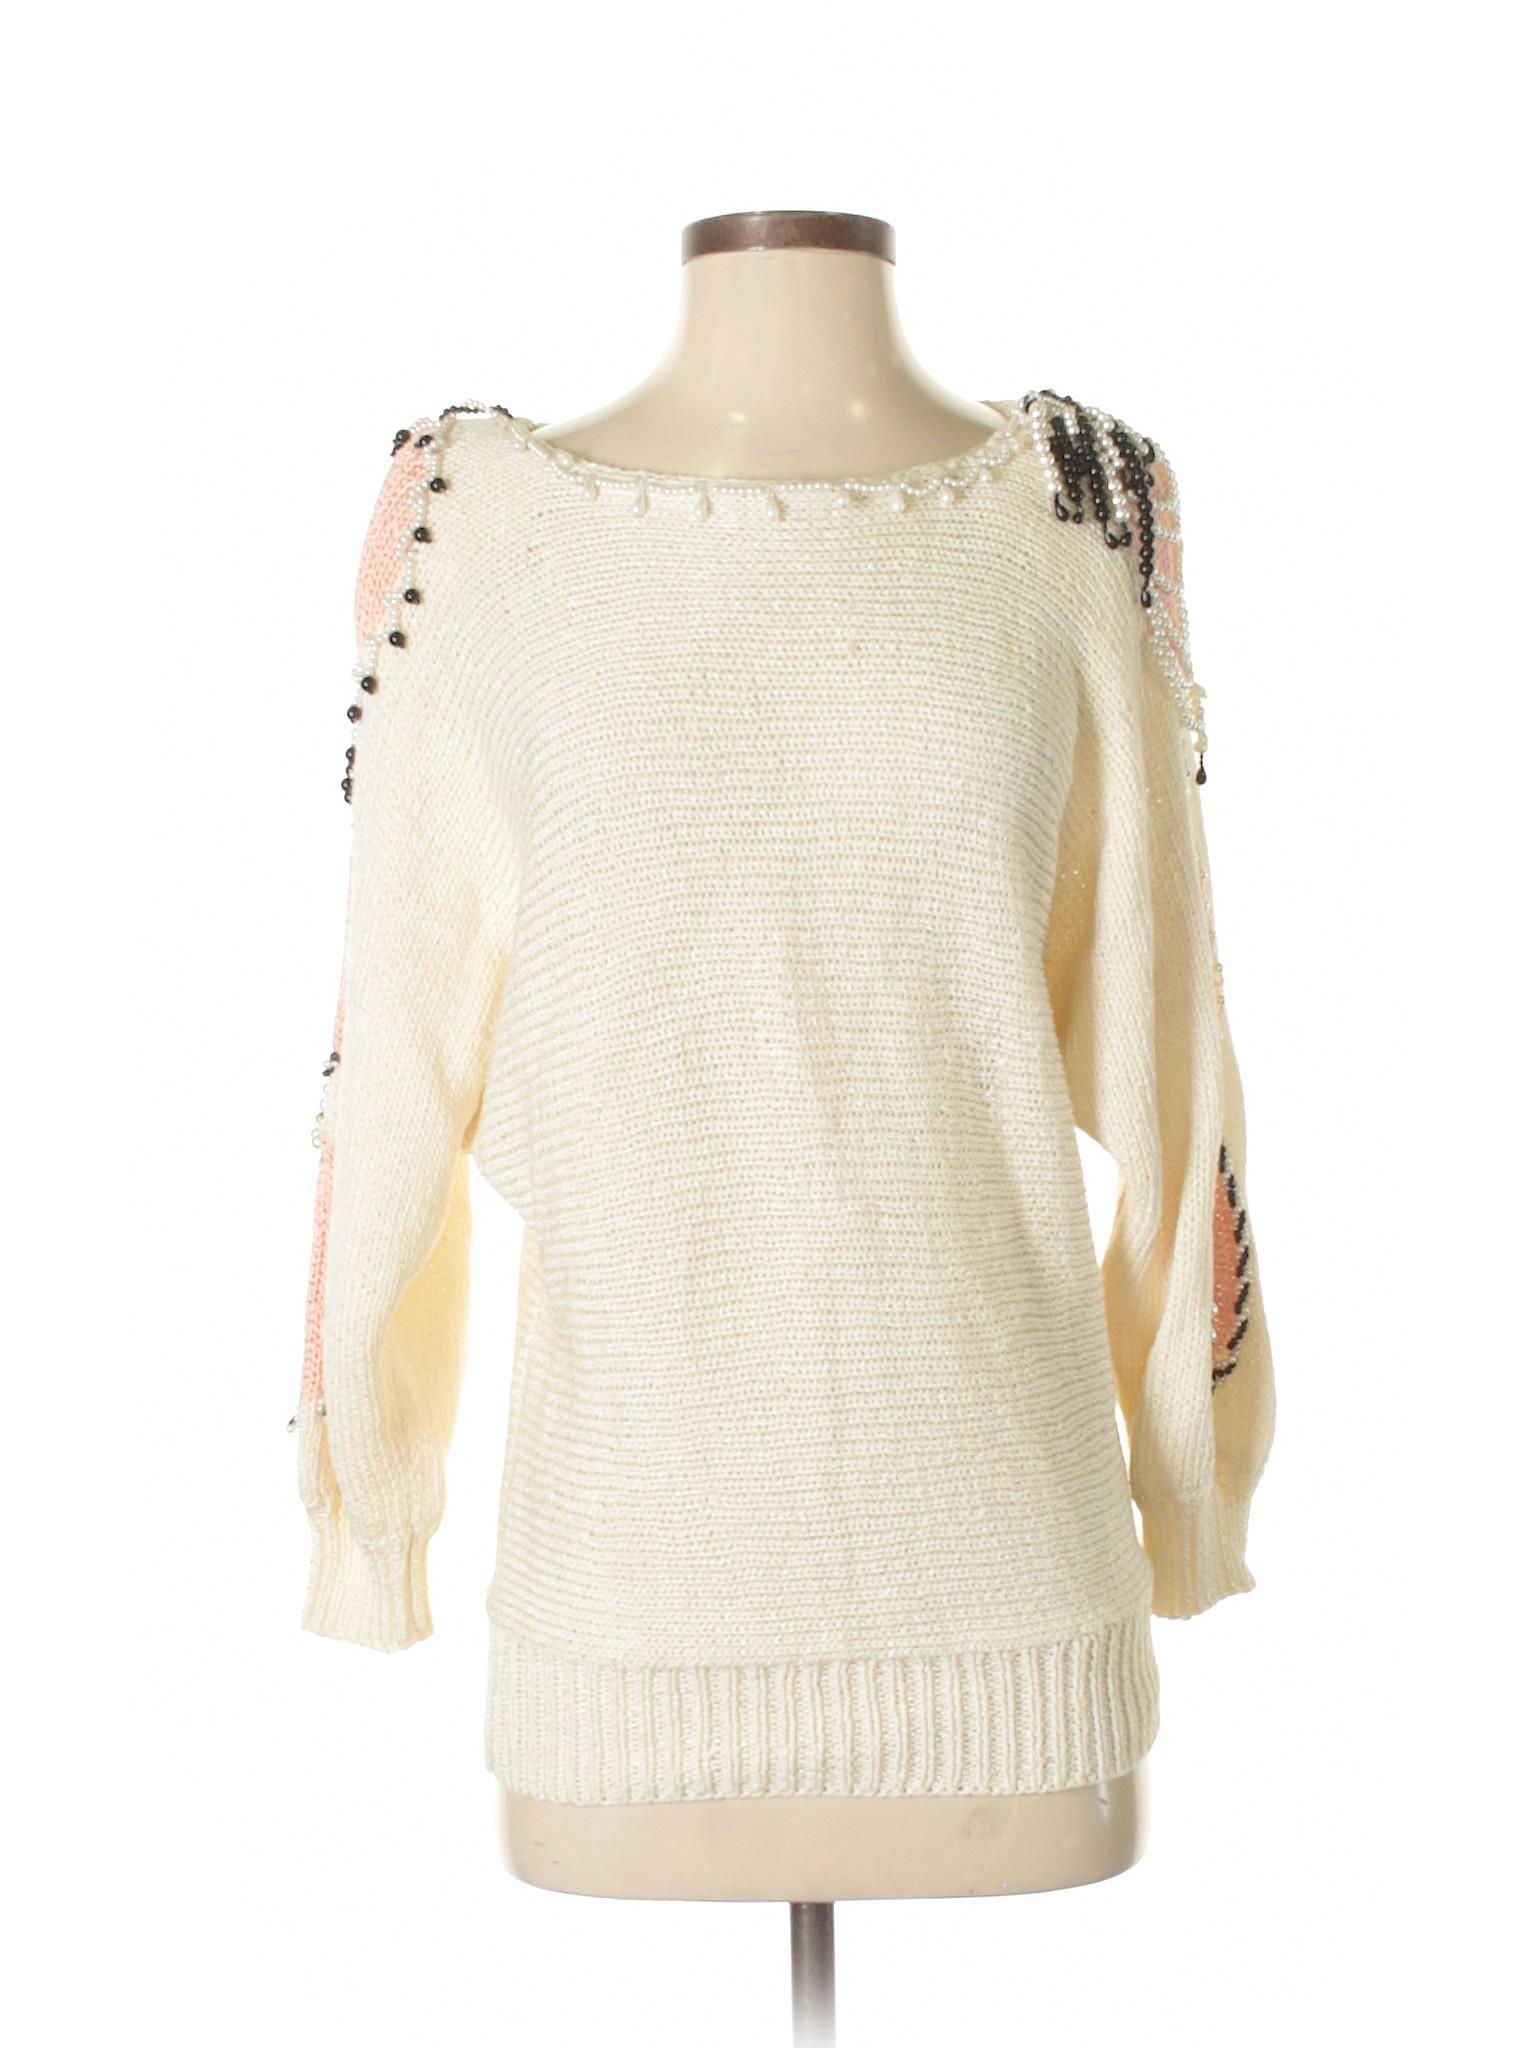 Boutique Cache Pullover Boutique Sweater Cache Oq0wdvd